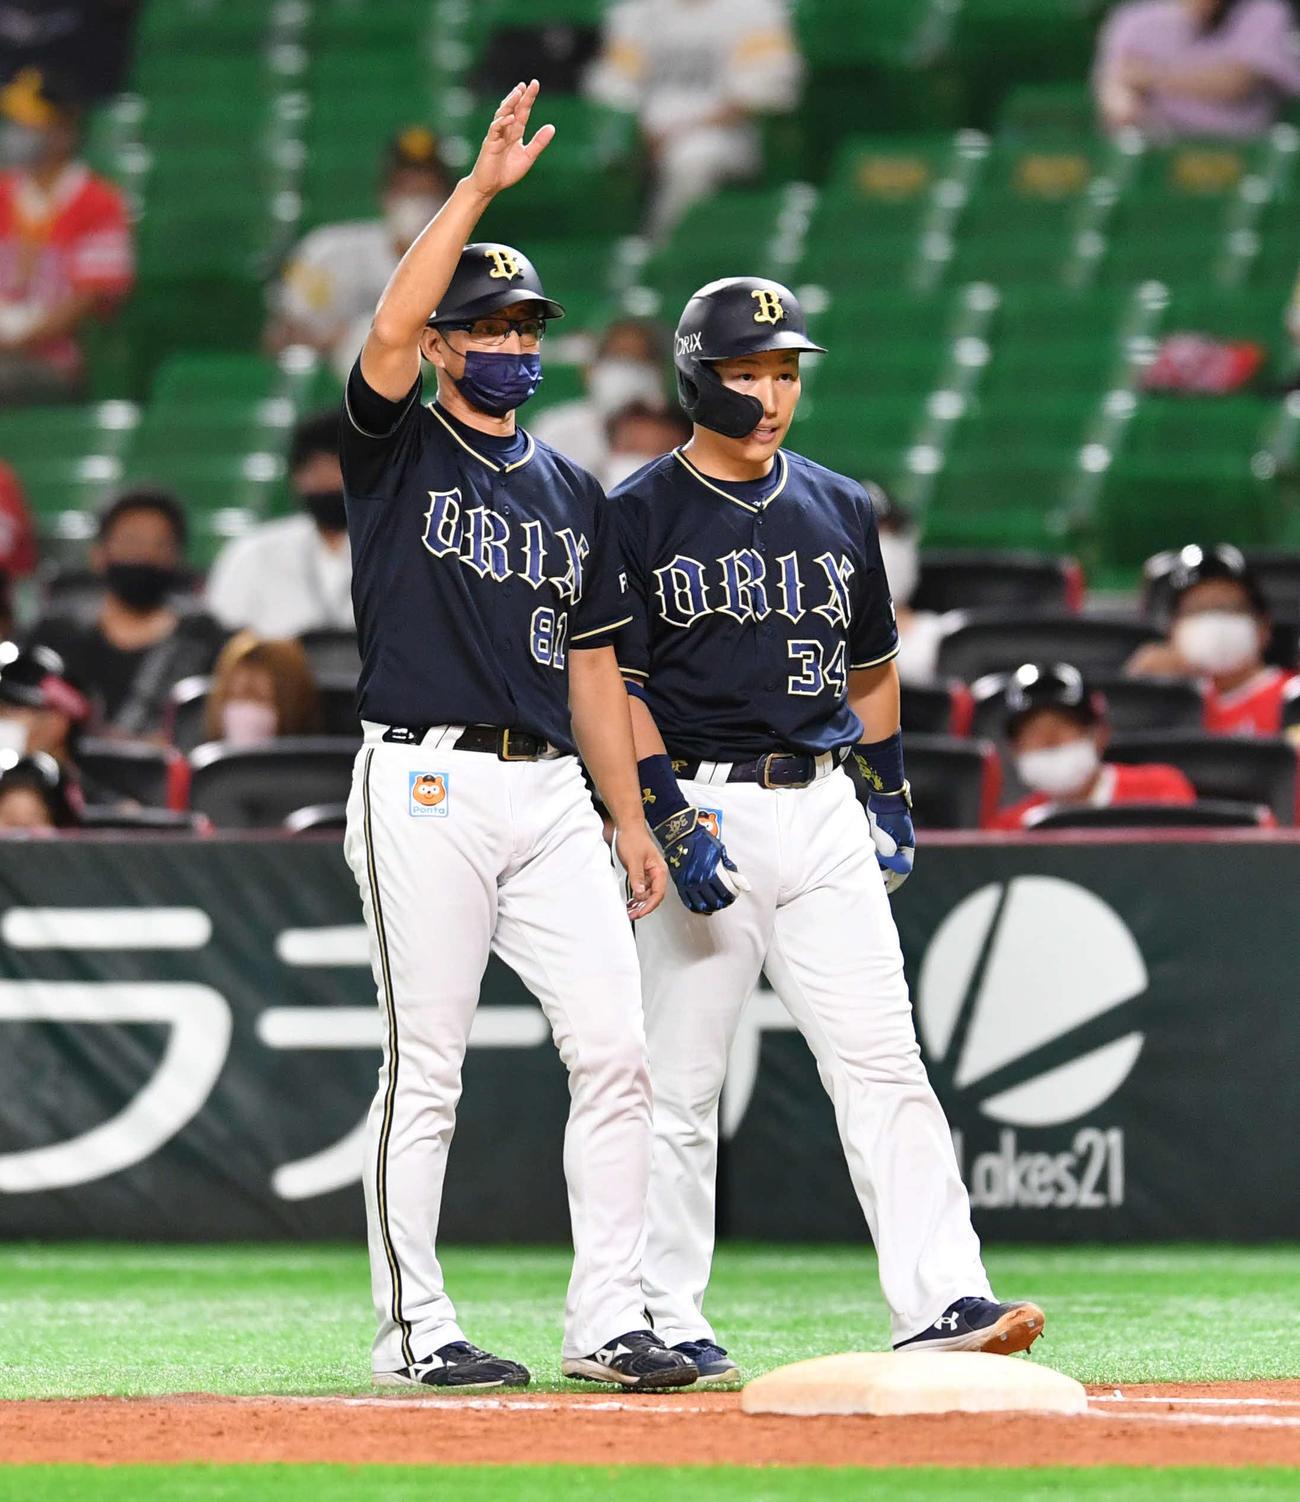 2021年9月3日、ソフトバンク対オリックス 9回表オリックス1死一塁、内野安打で出塁した吉田正(右)の代走をベンチに求める田口コーチ